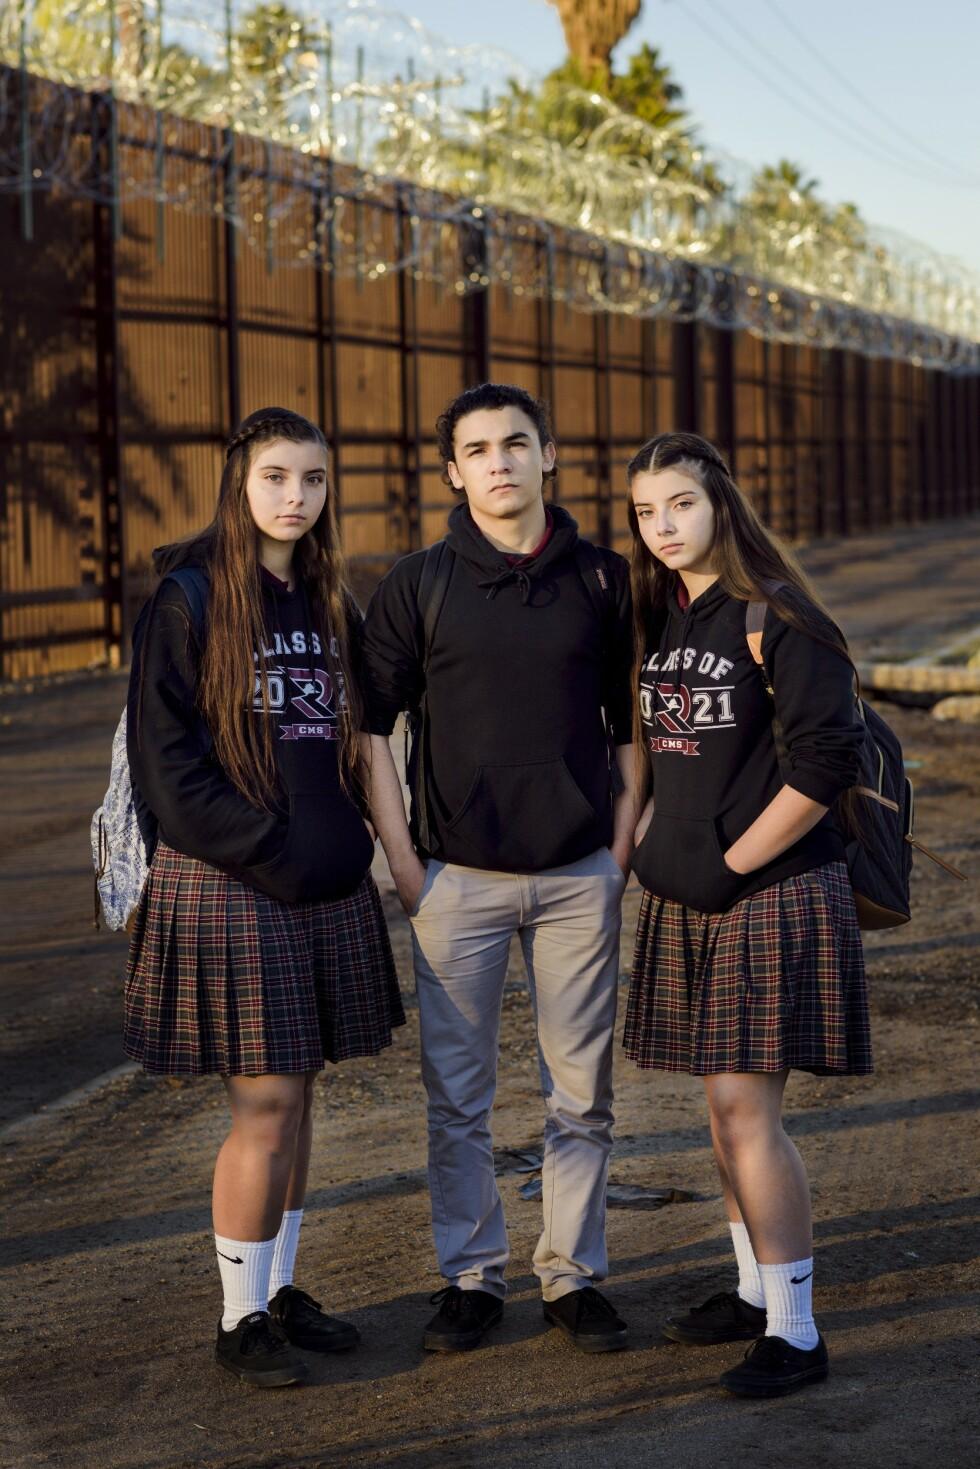 GRENSELIV: Søsknene Ana Luisa (15), Patricio Bernal (17) og Ana Fernanda (15) foran grensegjerdet mot Mexico i byen Calexico, California, der de går på skole. På andre siden av grensegjerdet, ligger hjembyen Mexikali. Foto: Klaudia Lech